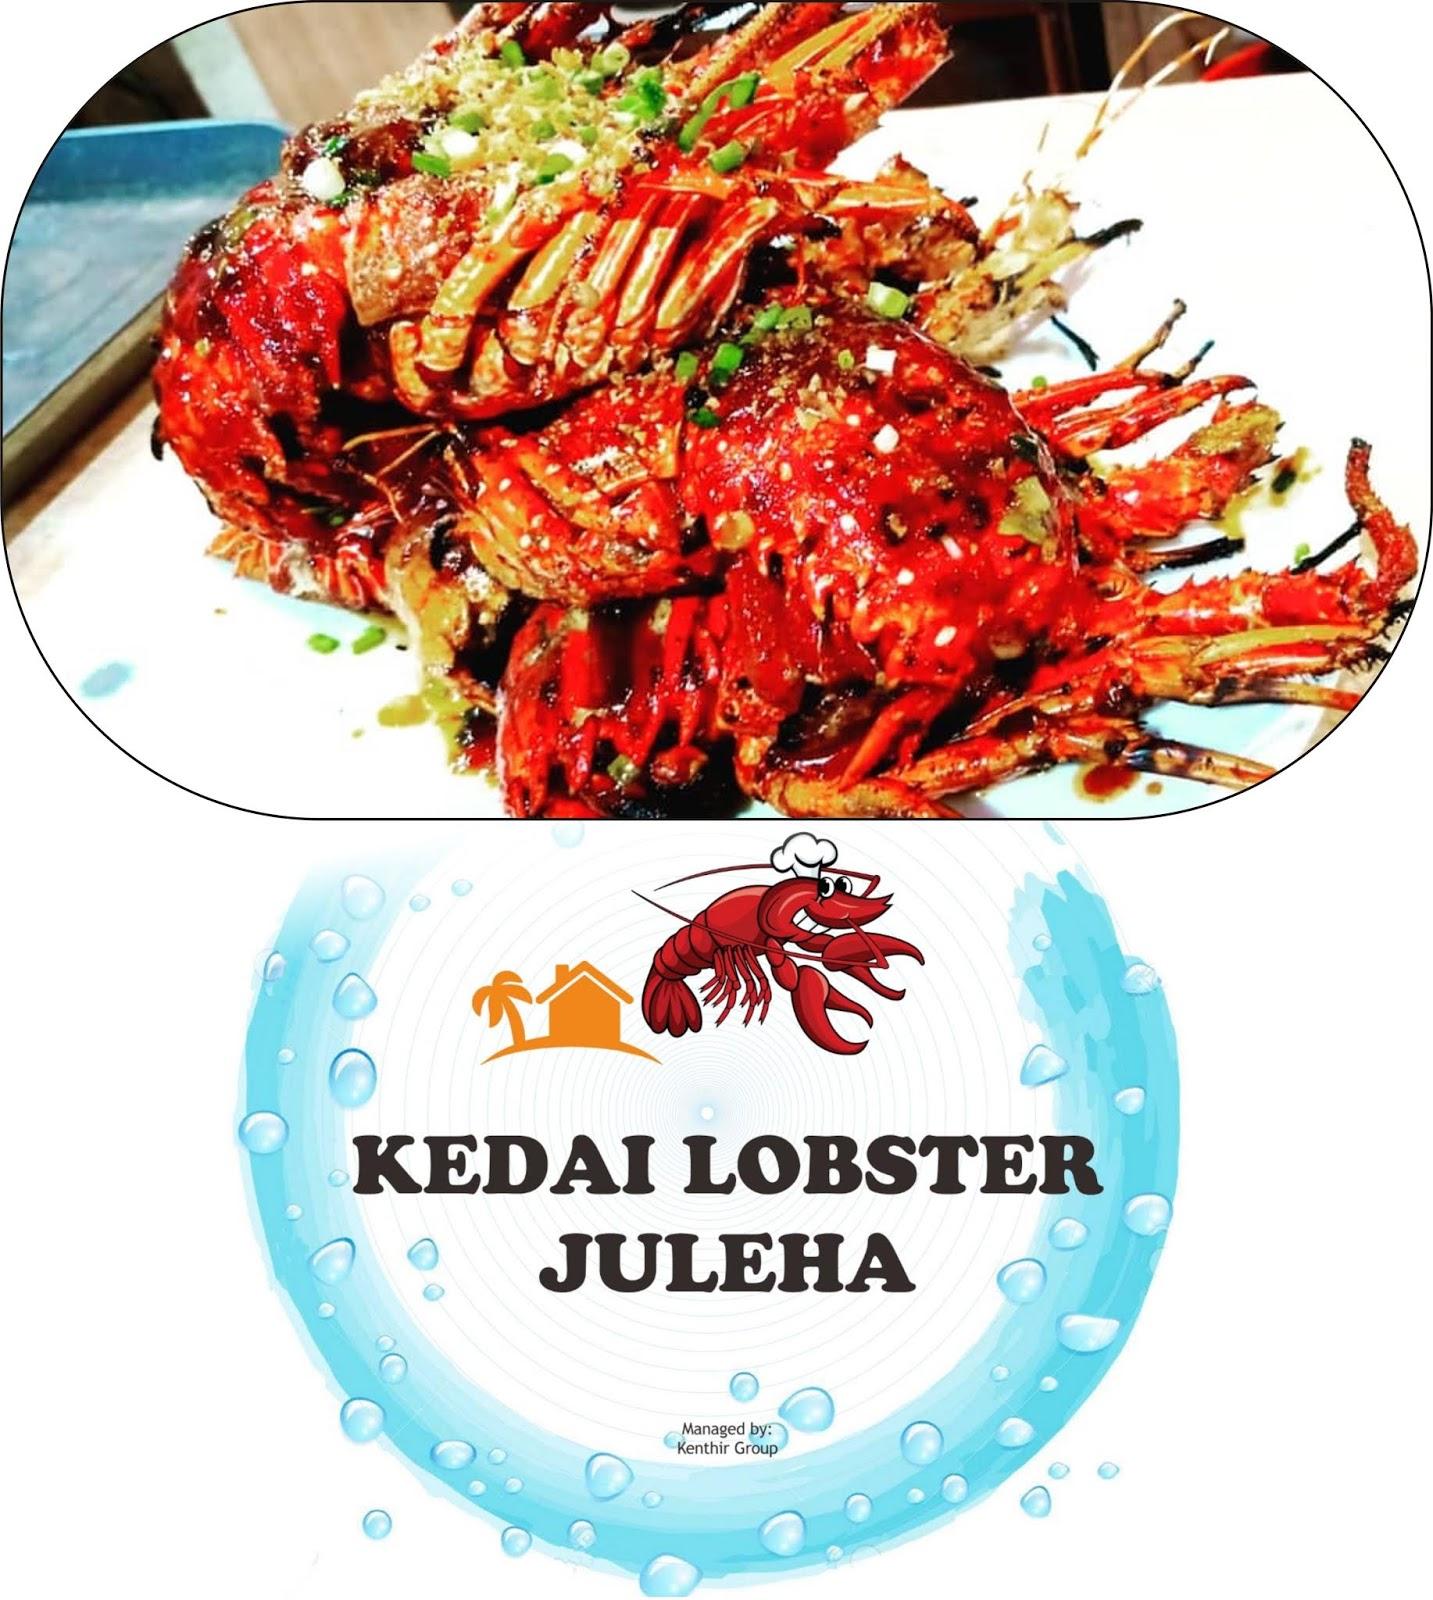 Food University Indonesia Gara Gara Seafood Franchise Ala Kenthir Group